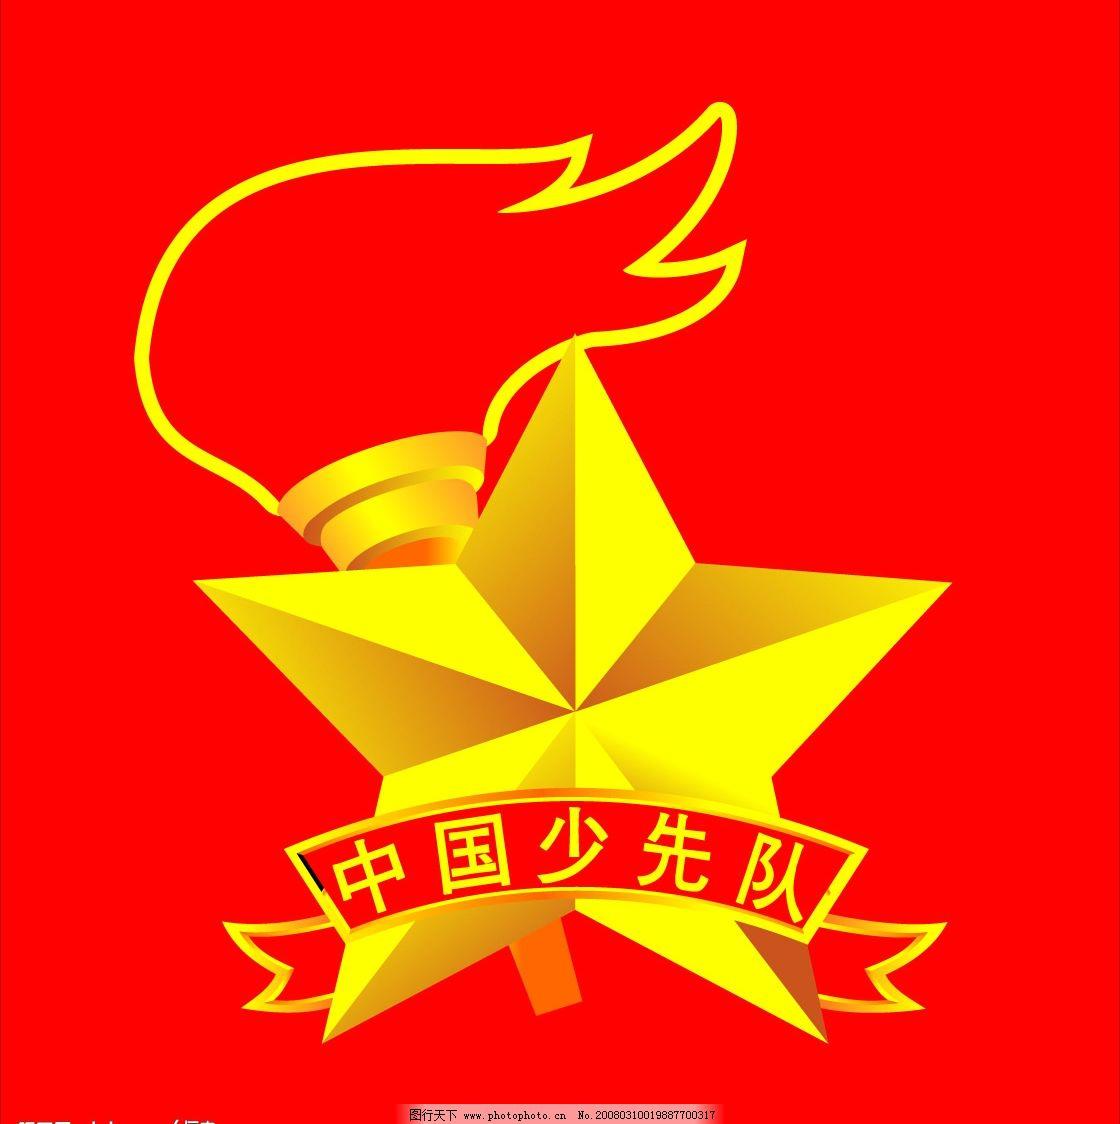 中国少先队队徽 标识标志图标 矢量图库